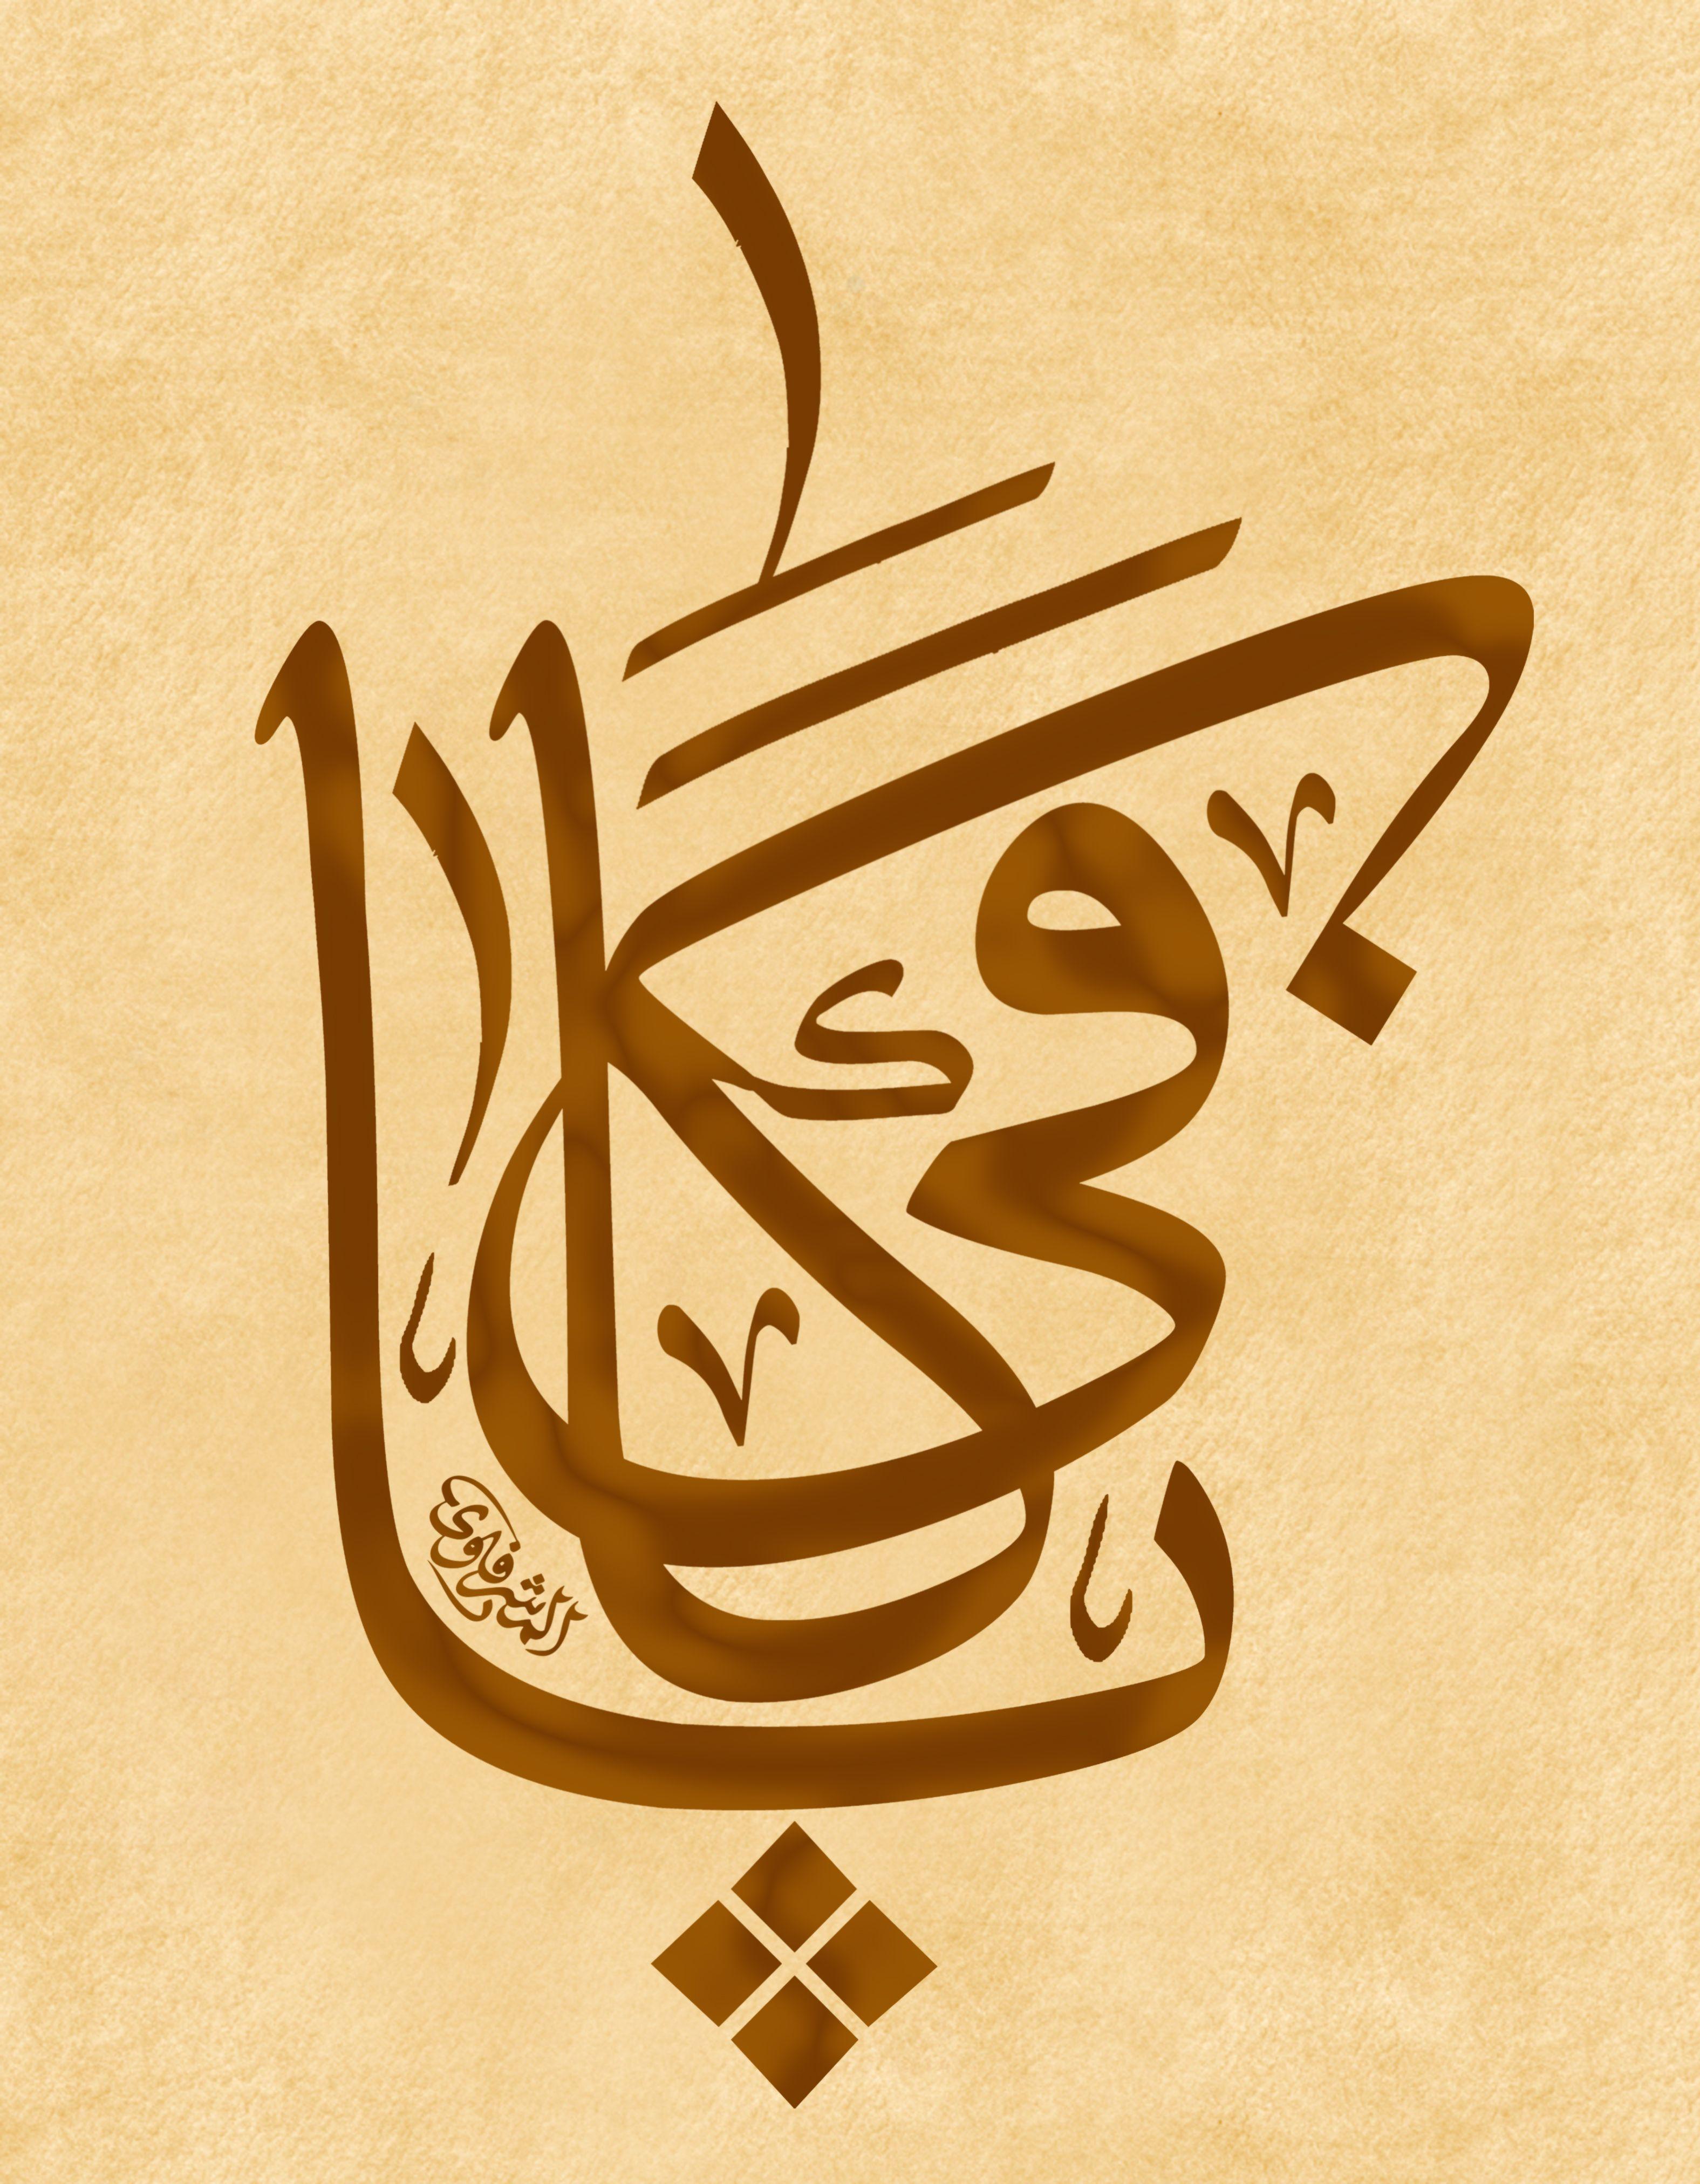 اسم الله جل جلاله ياكافي الخطاط محمد الحسني المشرفاوي غفر الله له ولوالديه ولمن نظر فيه Islamic Art Calligraphy Islamic Art Art